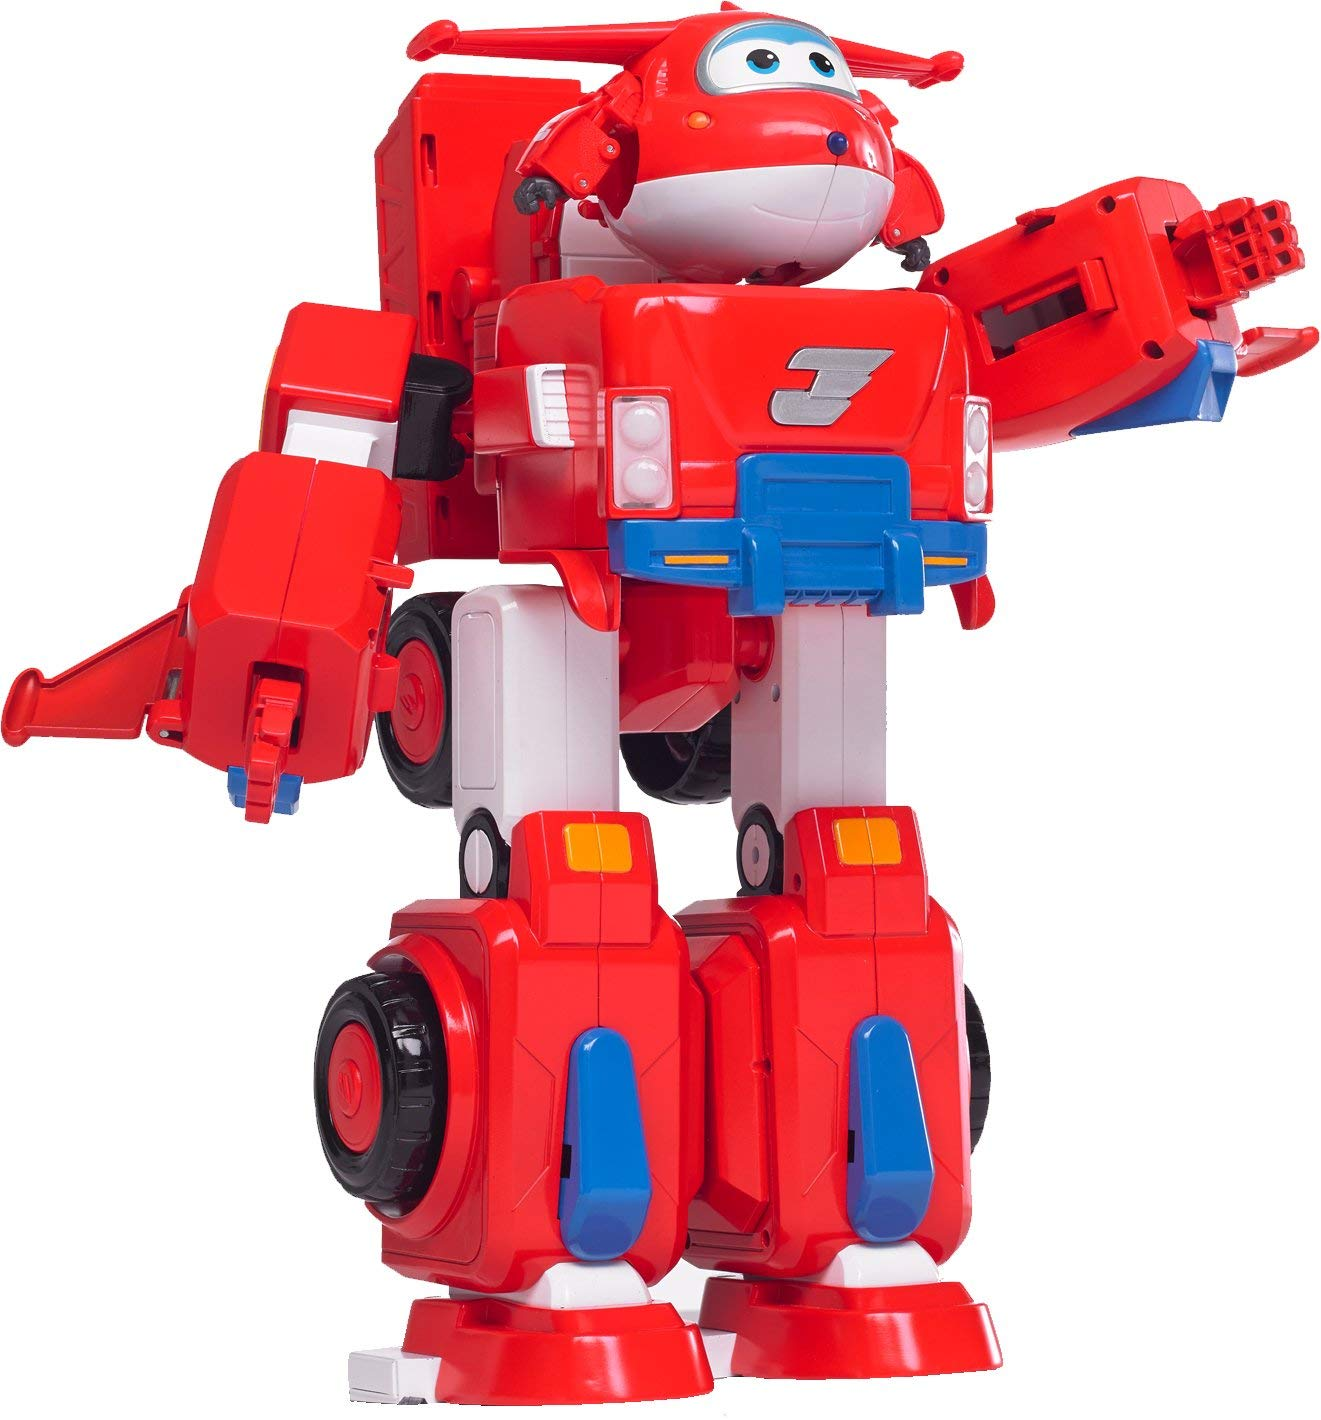 Donnie Figur Super Car Season 2 Super Robot Super Wings Super Neu